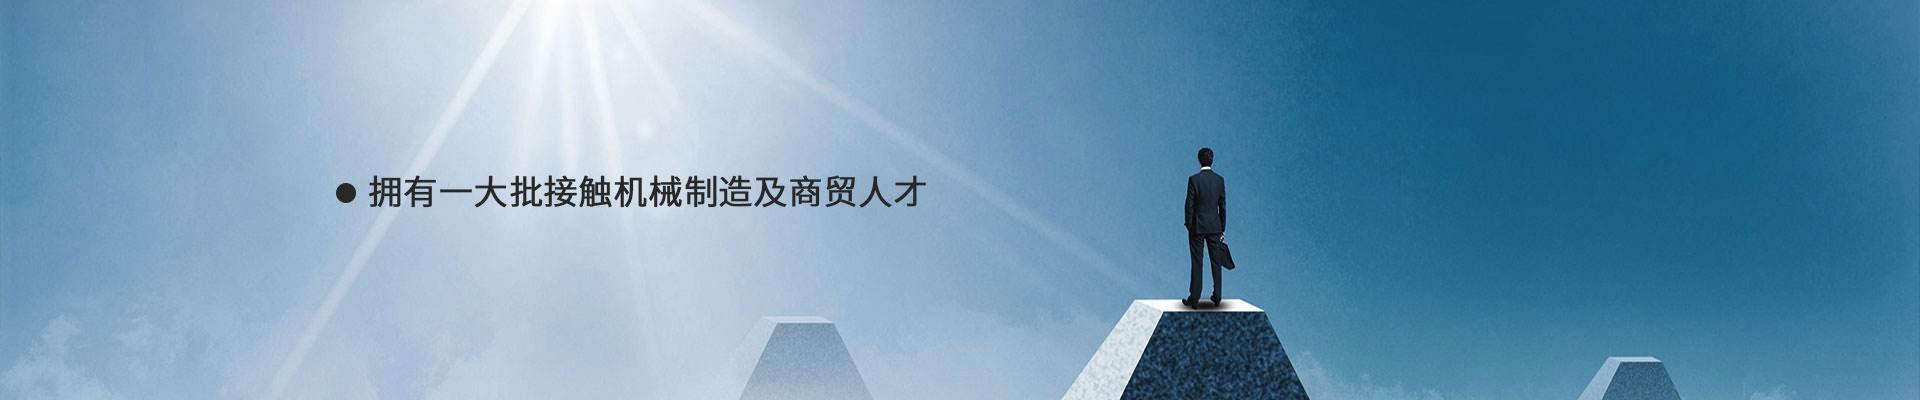 http://www.sdende.com/data/upload/202001/20200106172655_724.jpg